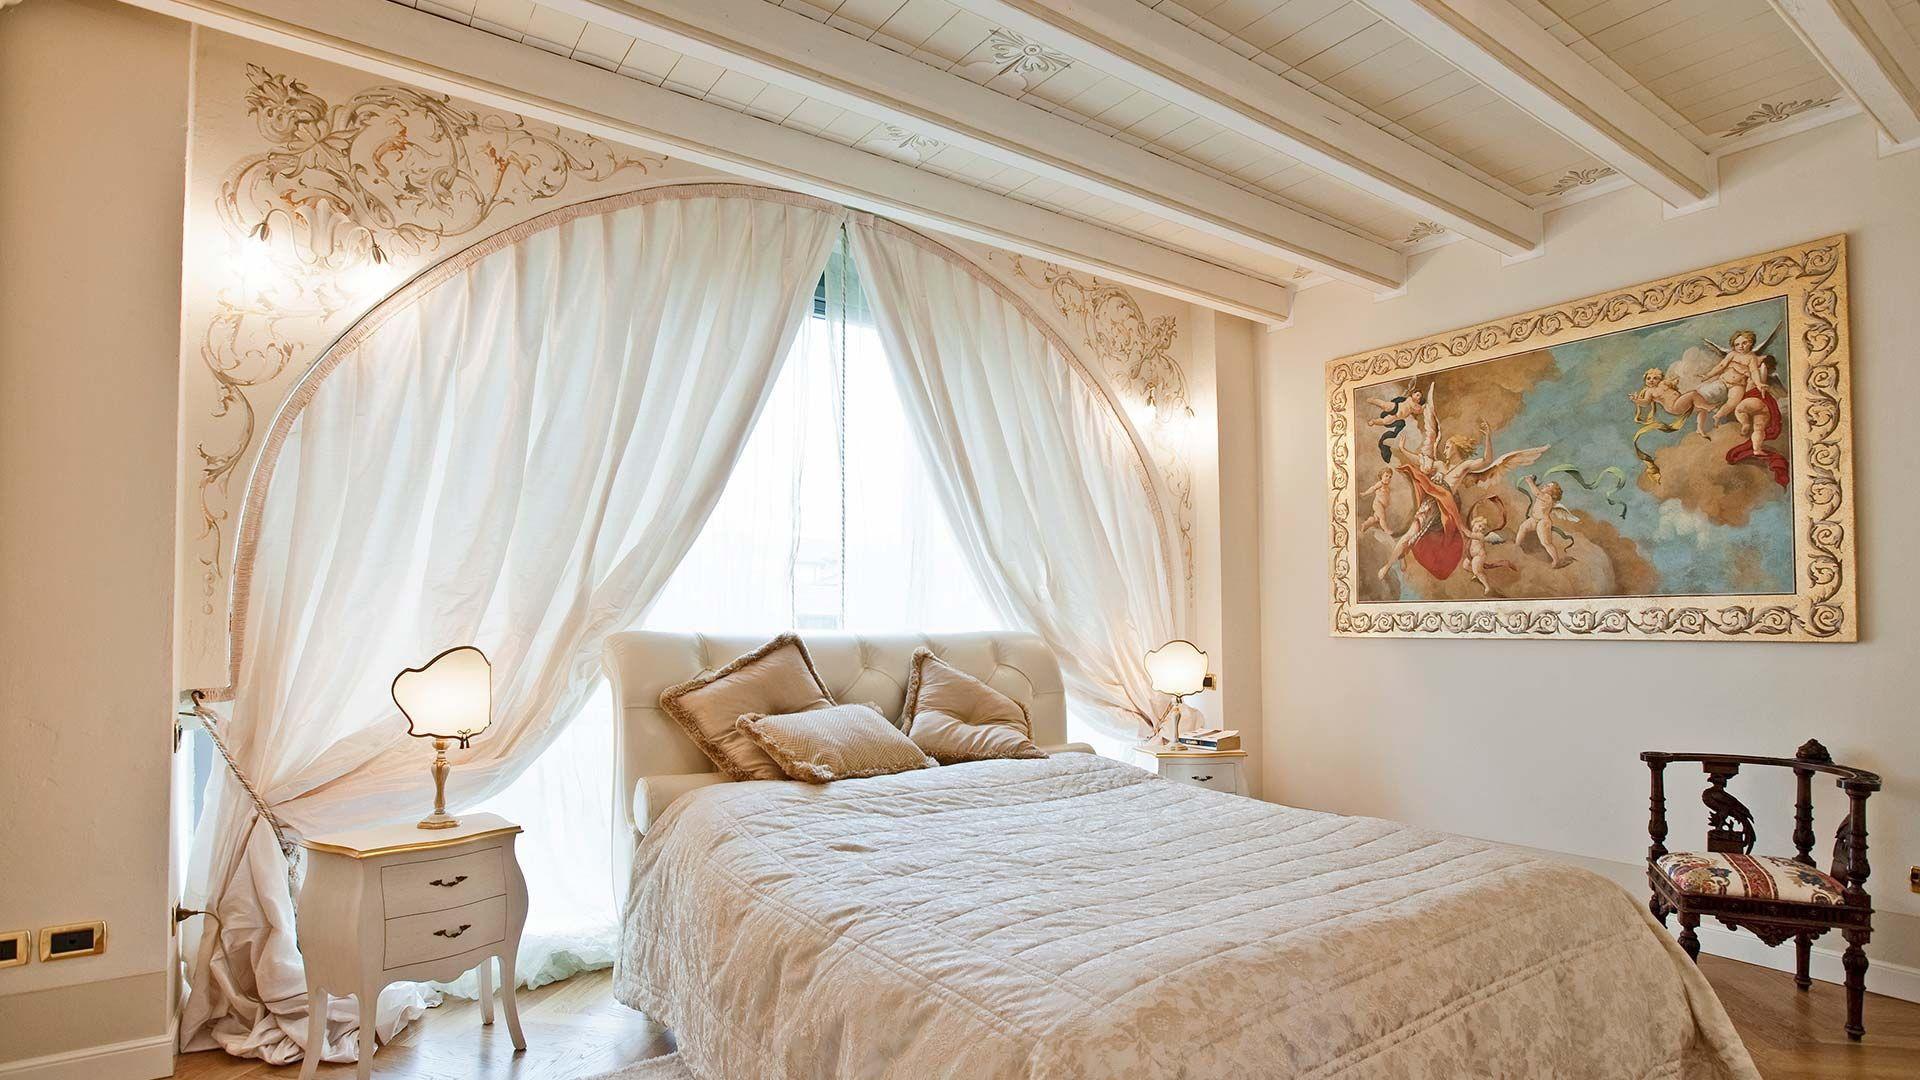 фрески над кроватью в спальне фото что ребенок вырастит